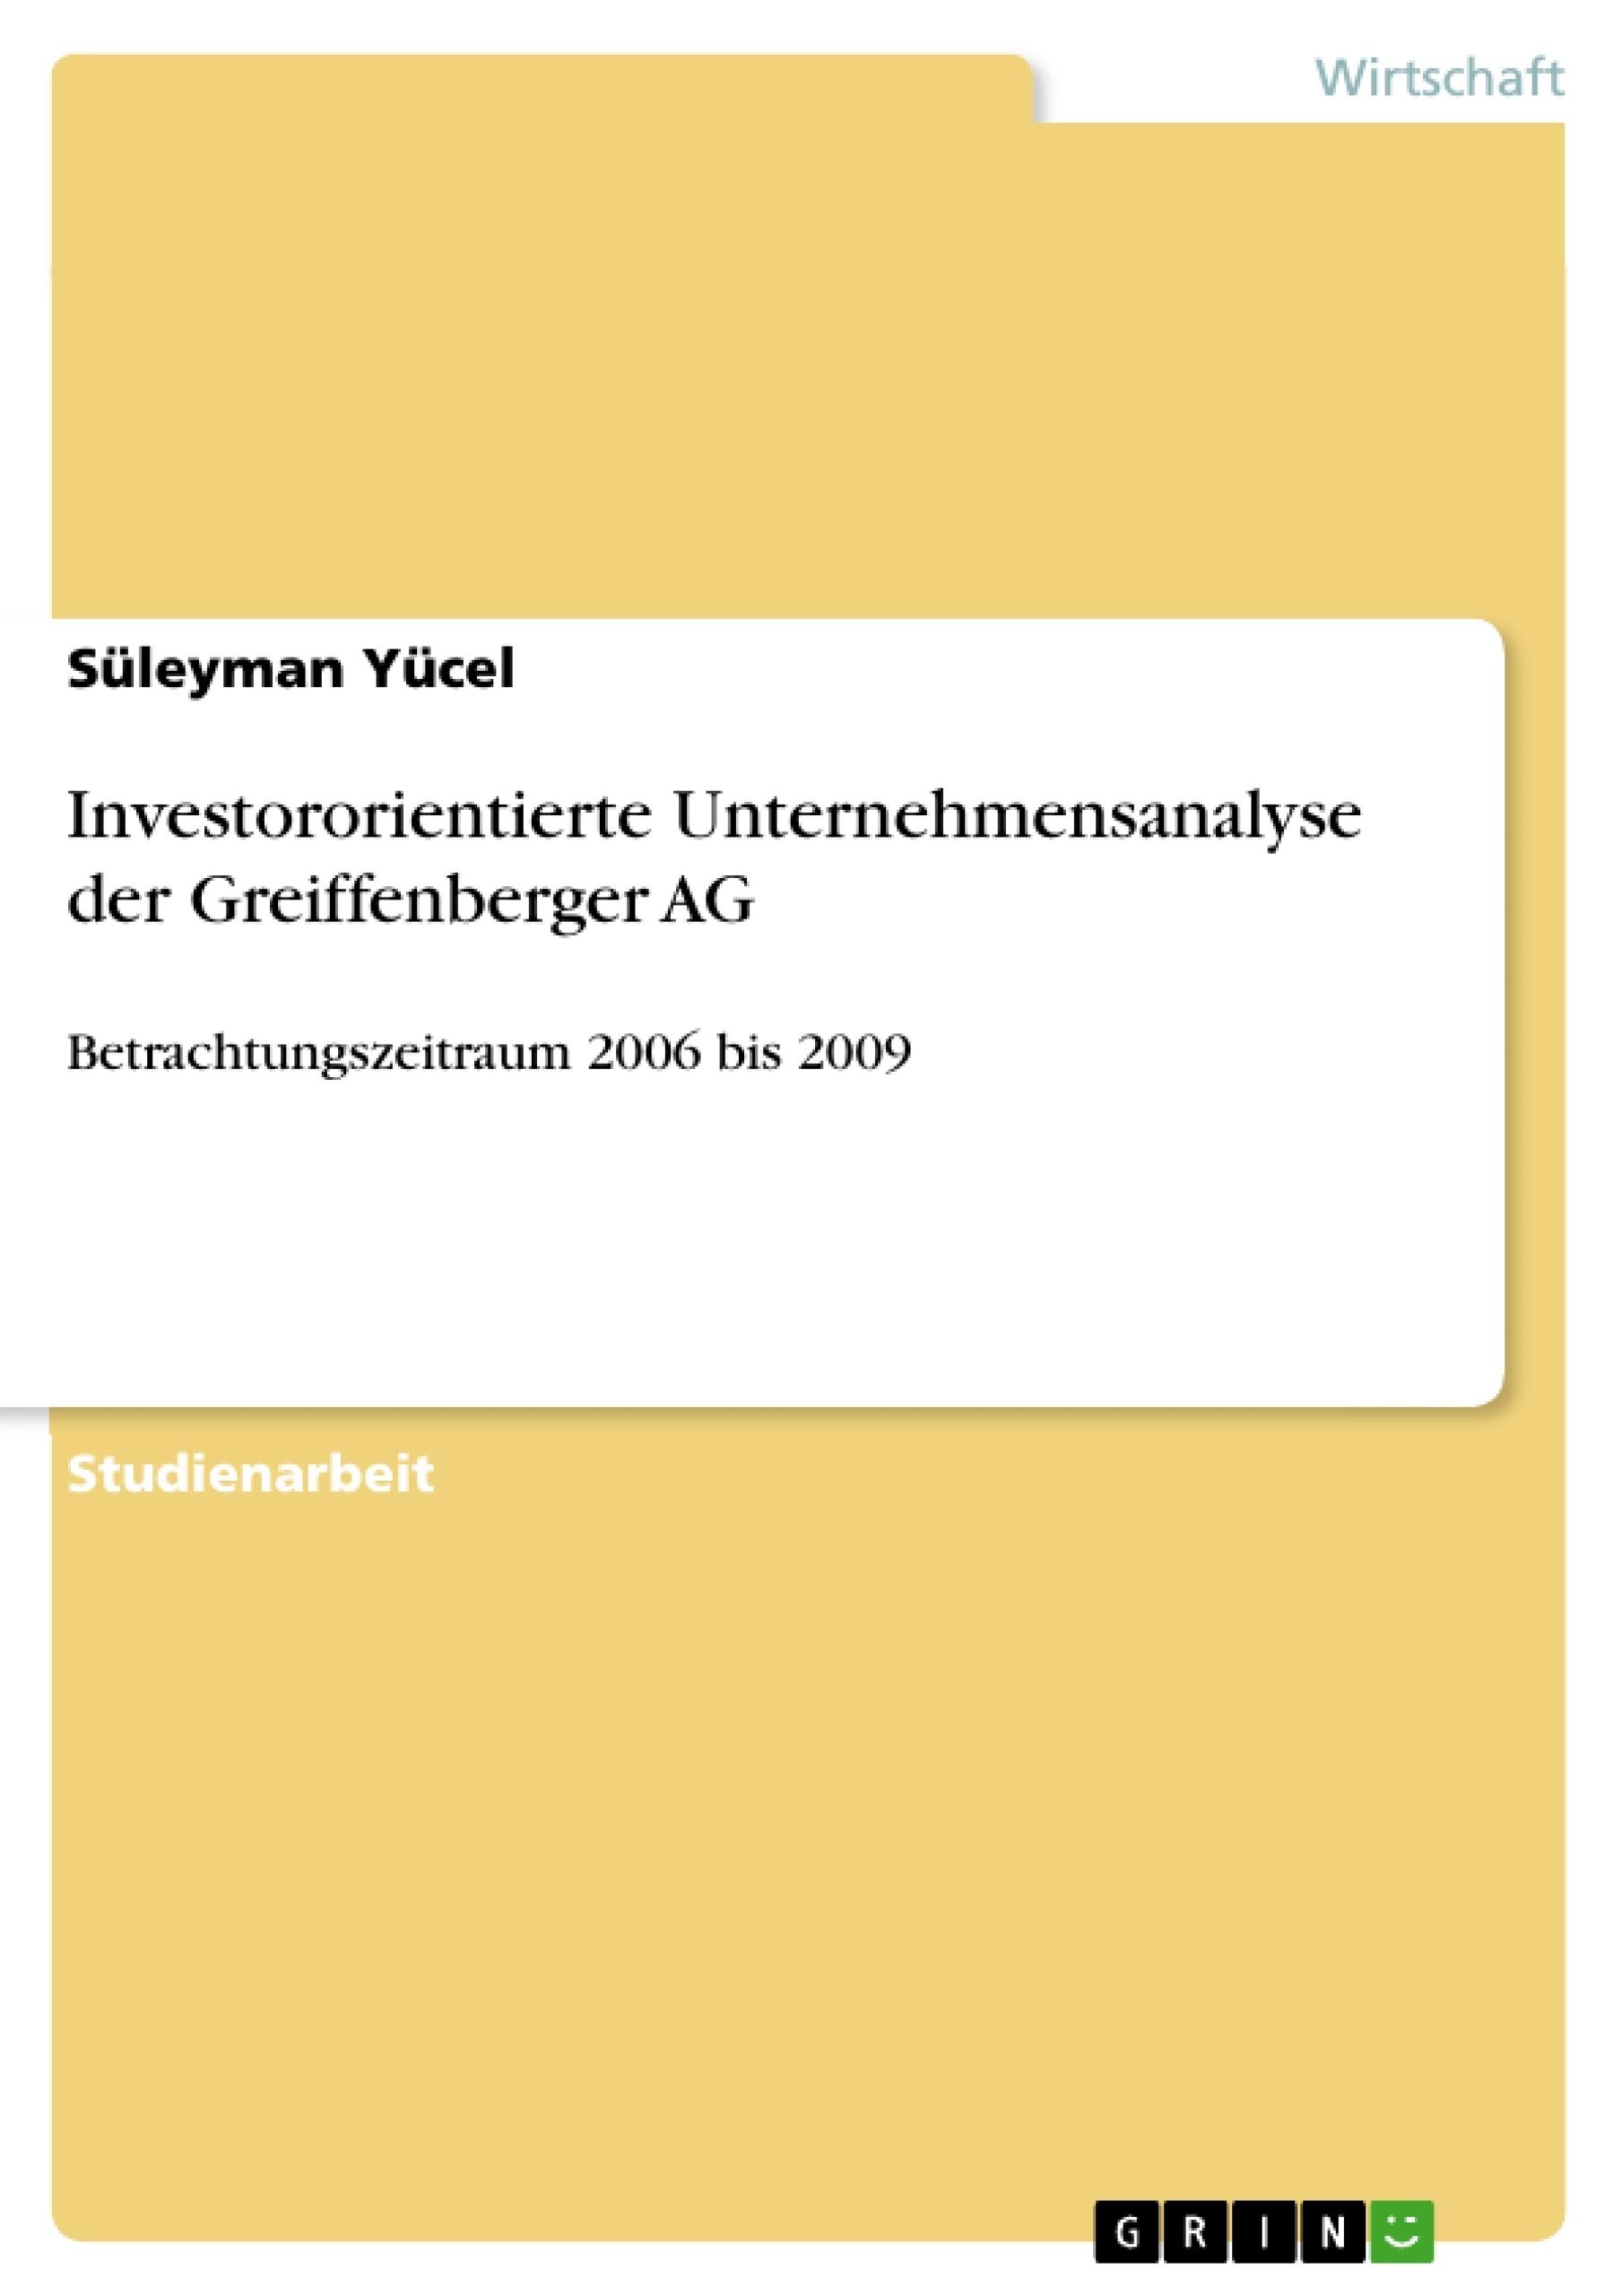 Titel: Investororientierte Unternehmensanalyse der Greiffenberger AG